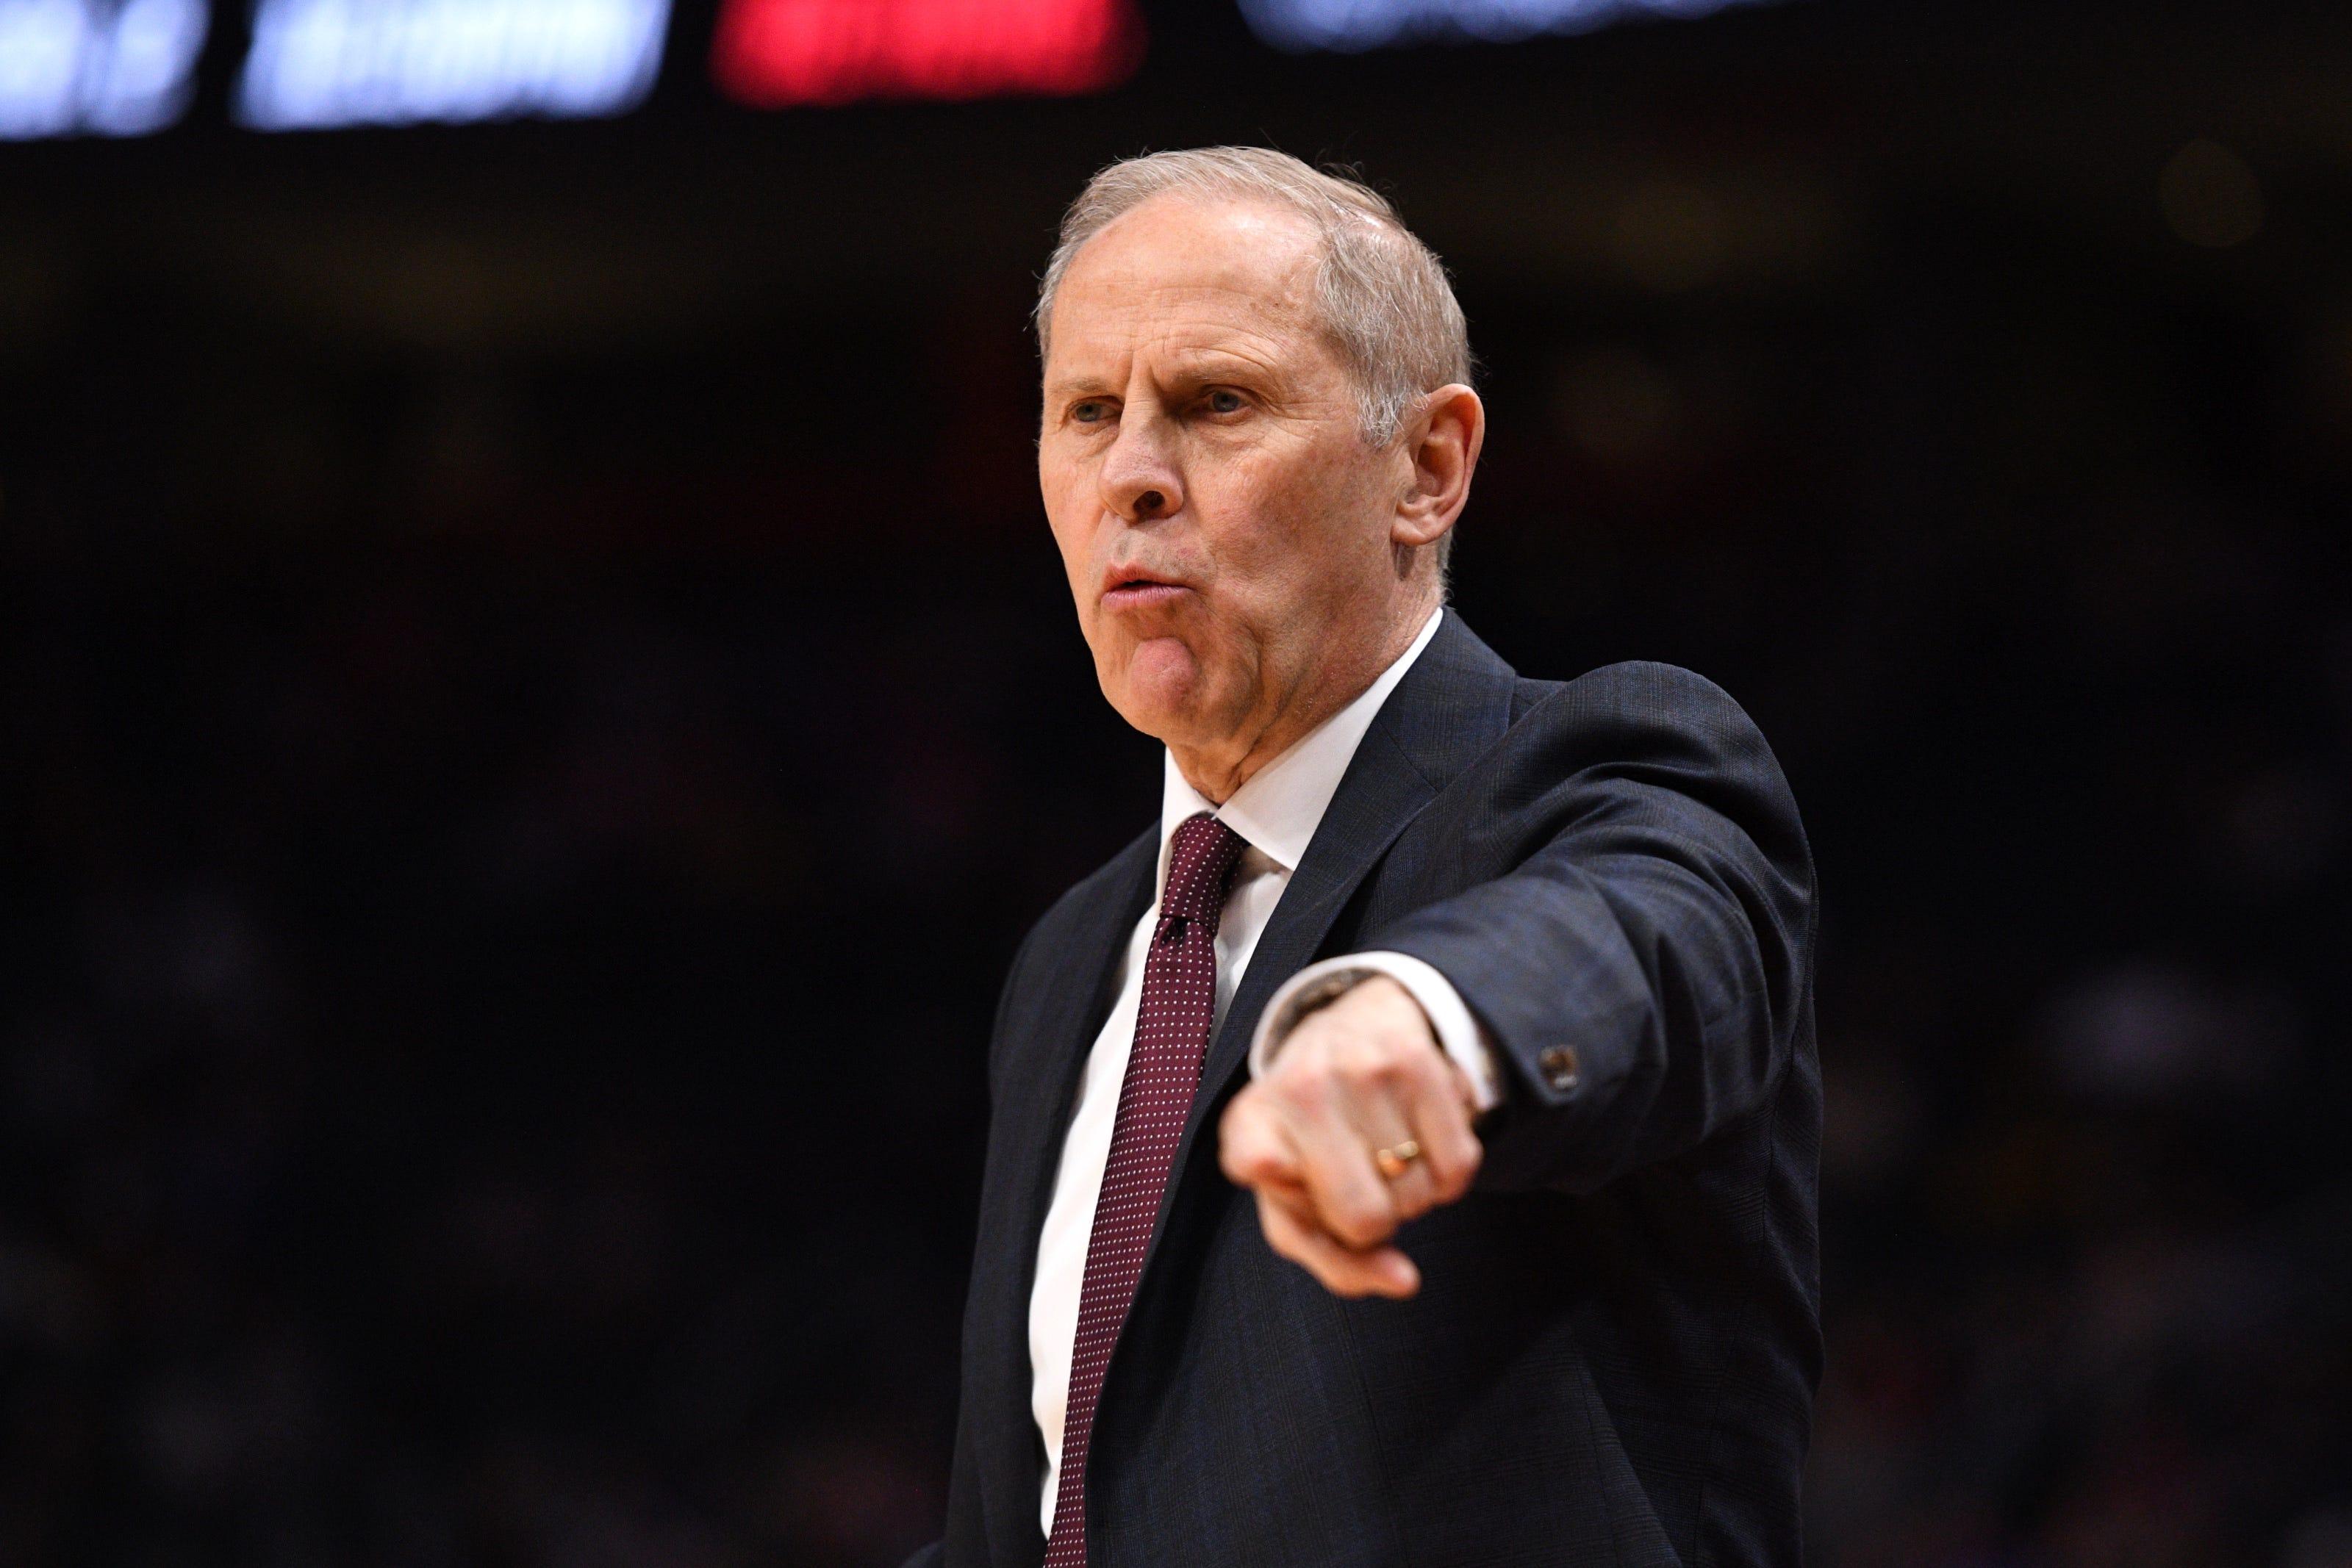 Former Michigan basketball coach John Beilein joining Detroit Pistons as senior advisor